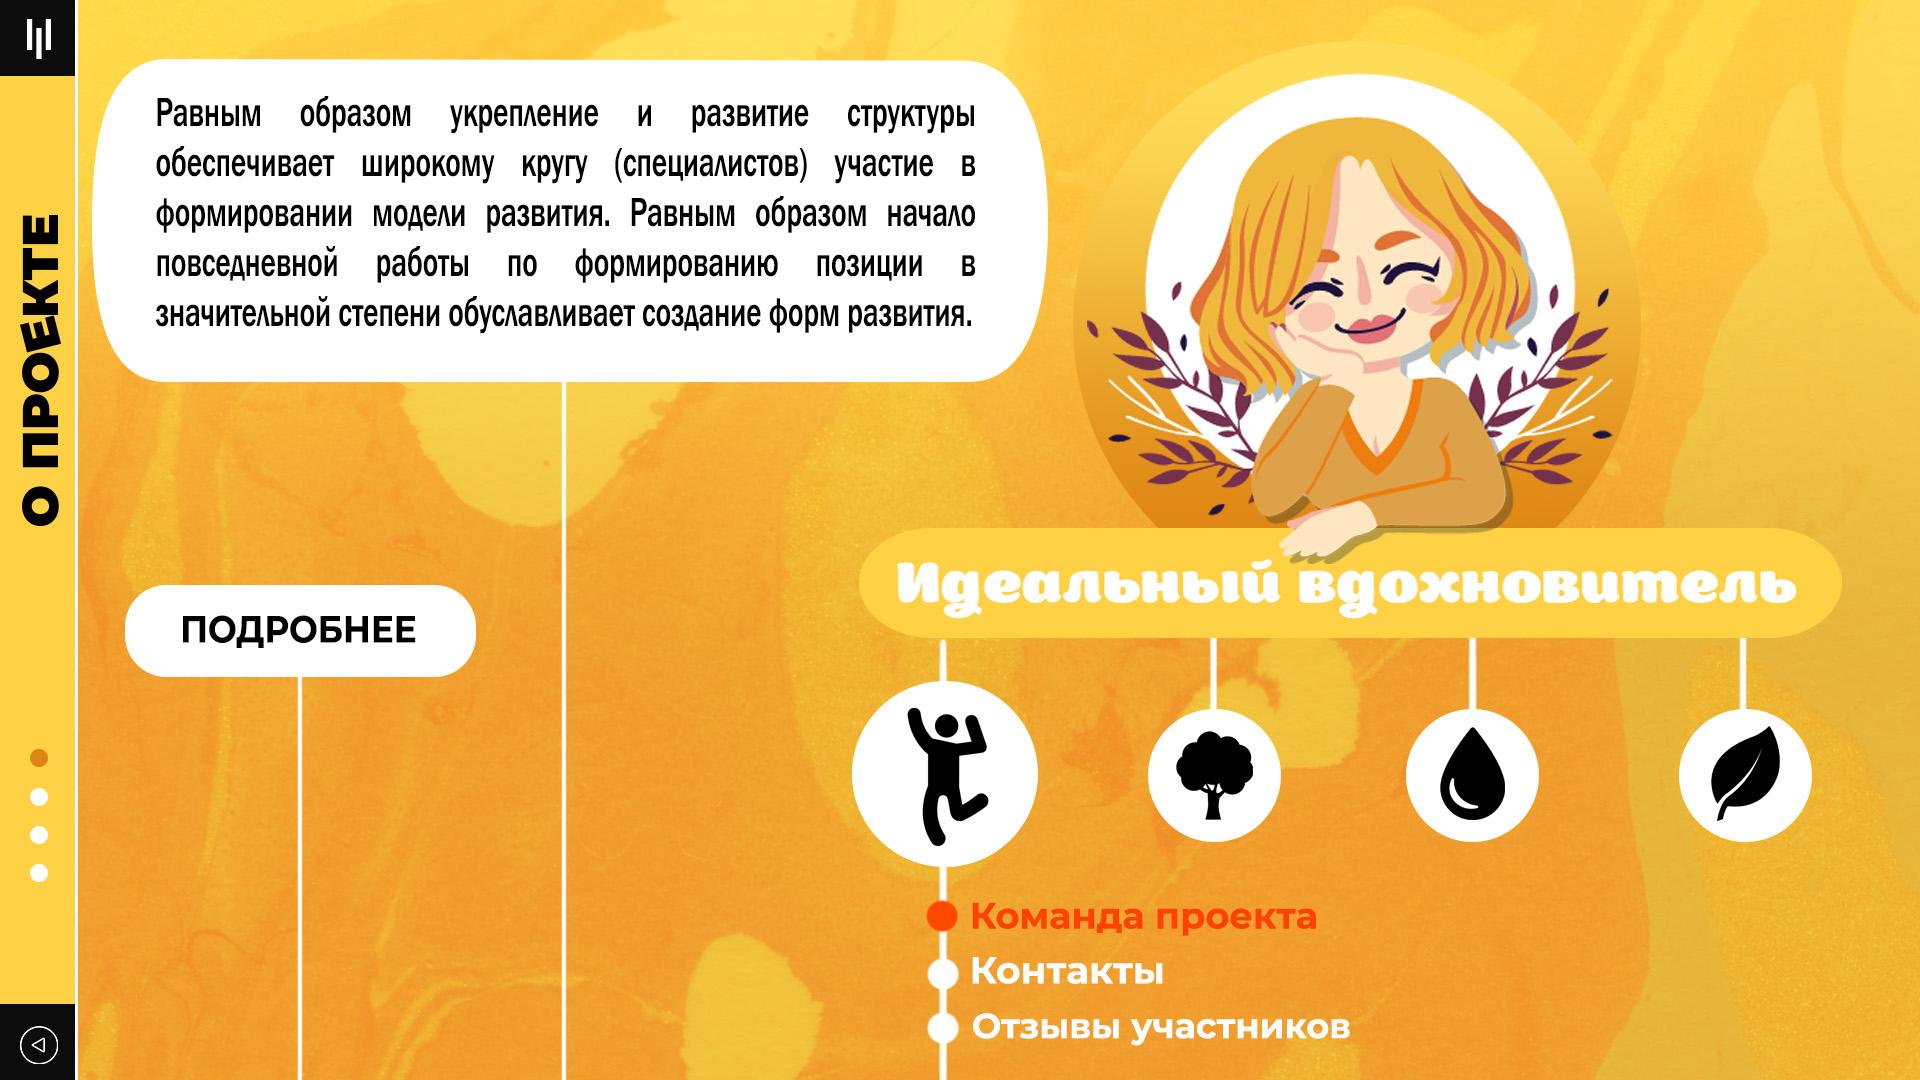 Креативный дизайн внутренней страницы портала для детей фото f_6995cfccfa4a2db6.jpg